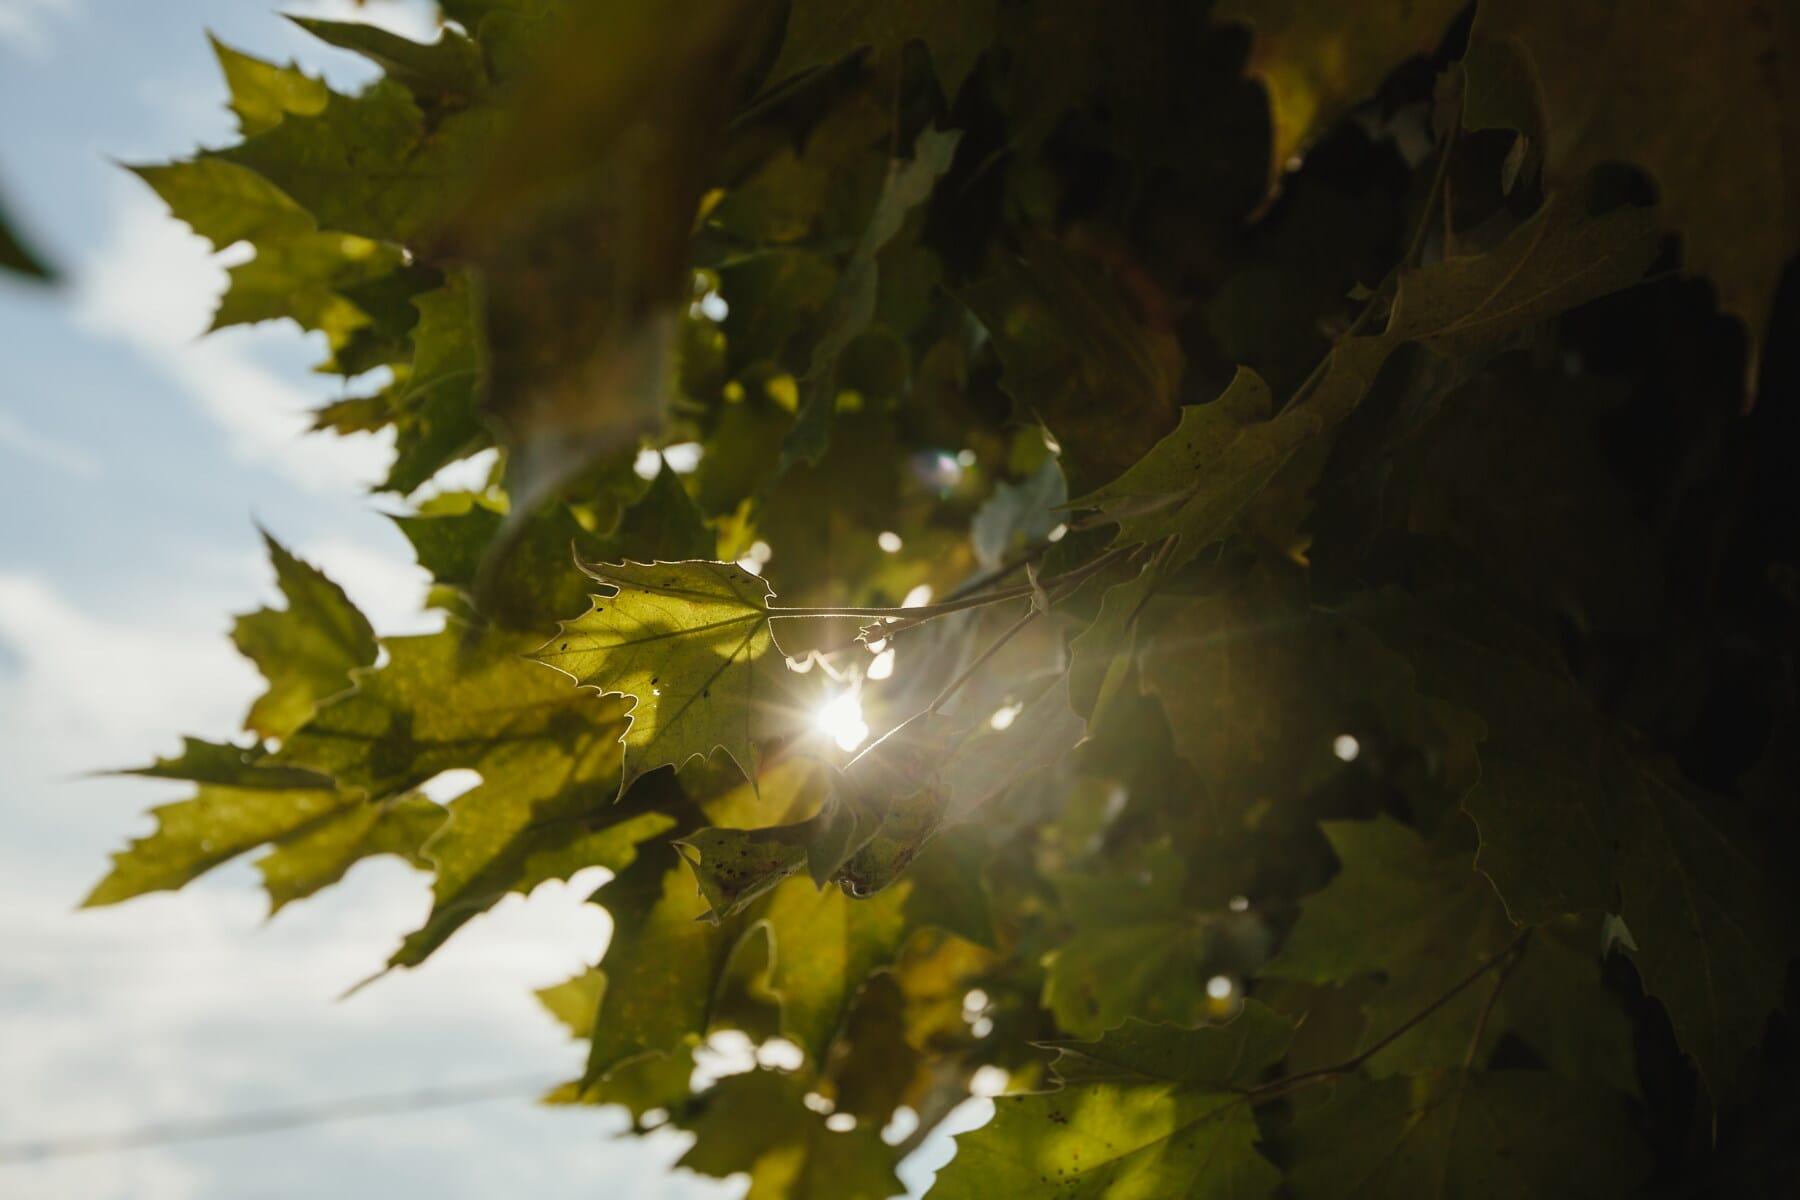 lumière du soleil, feuilles vertes, rayons de soleil, feuillage, arbre, plante, érable, feuilles, forêt, feuille